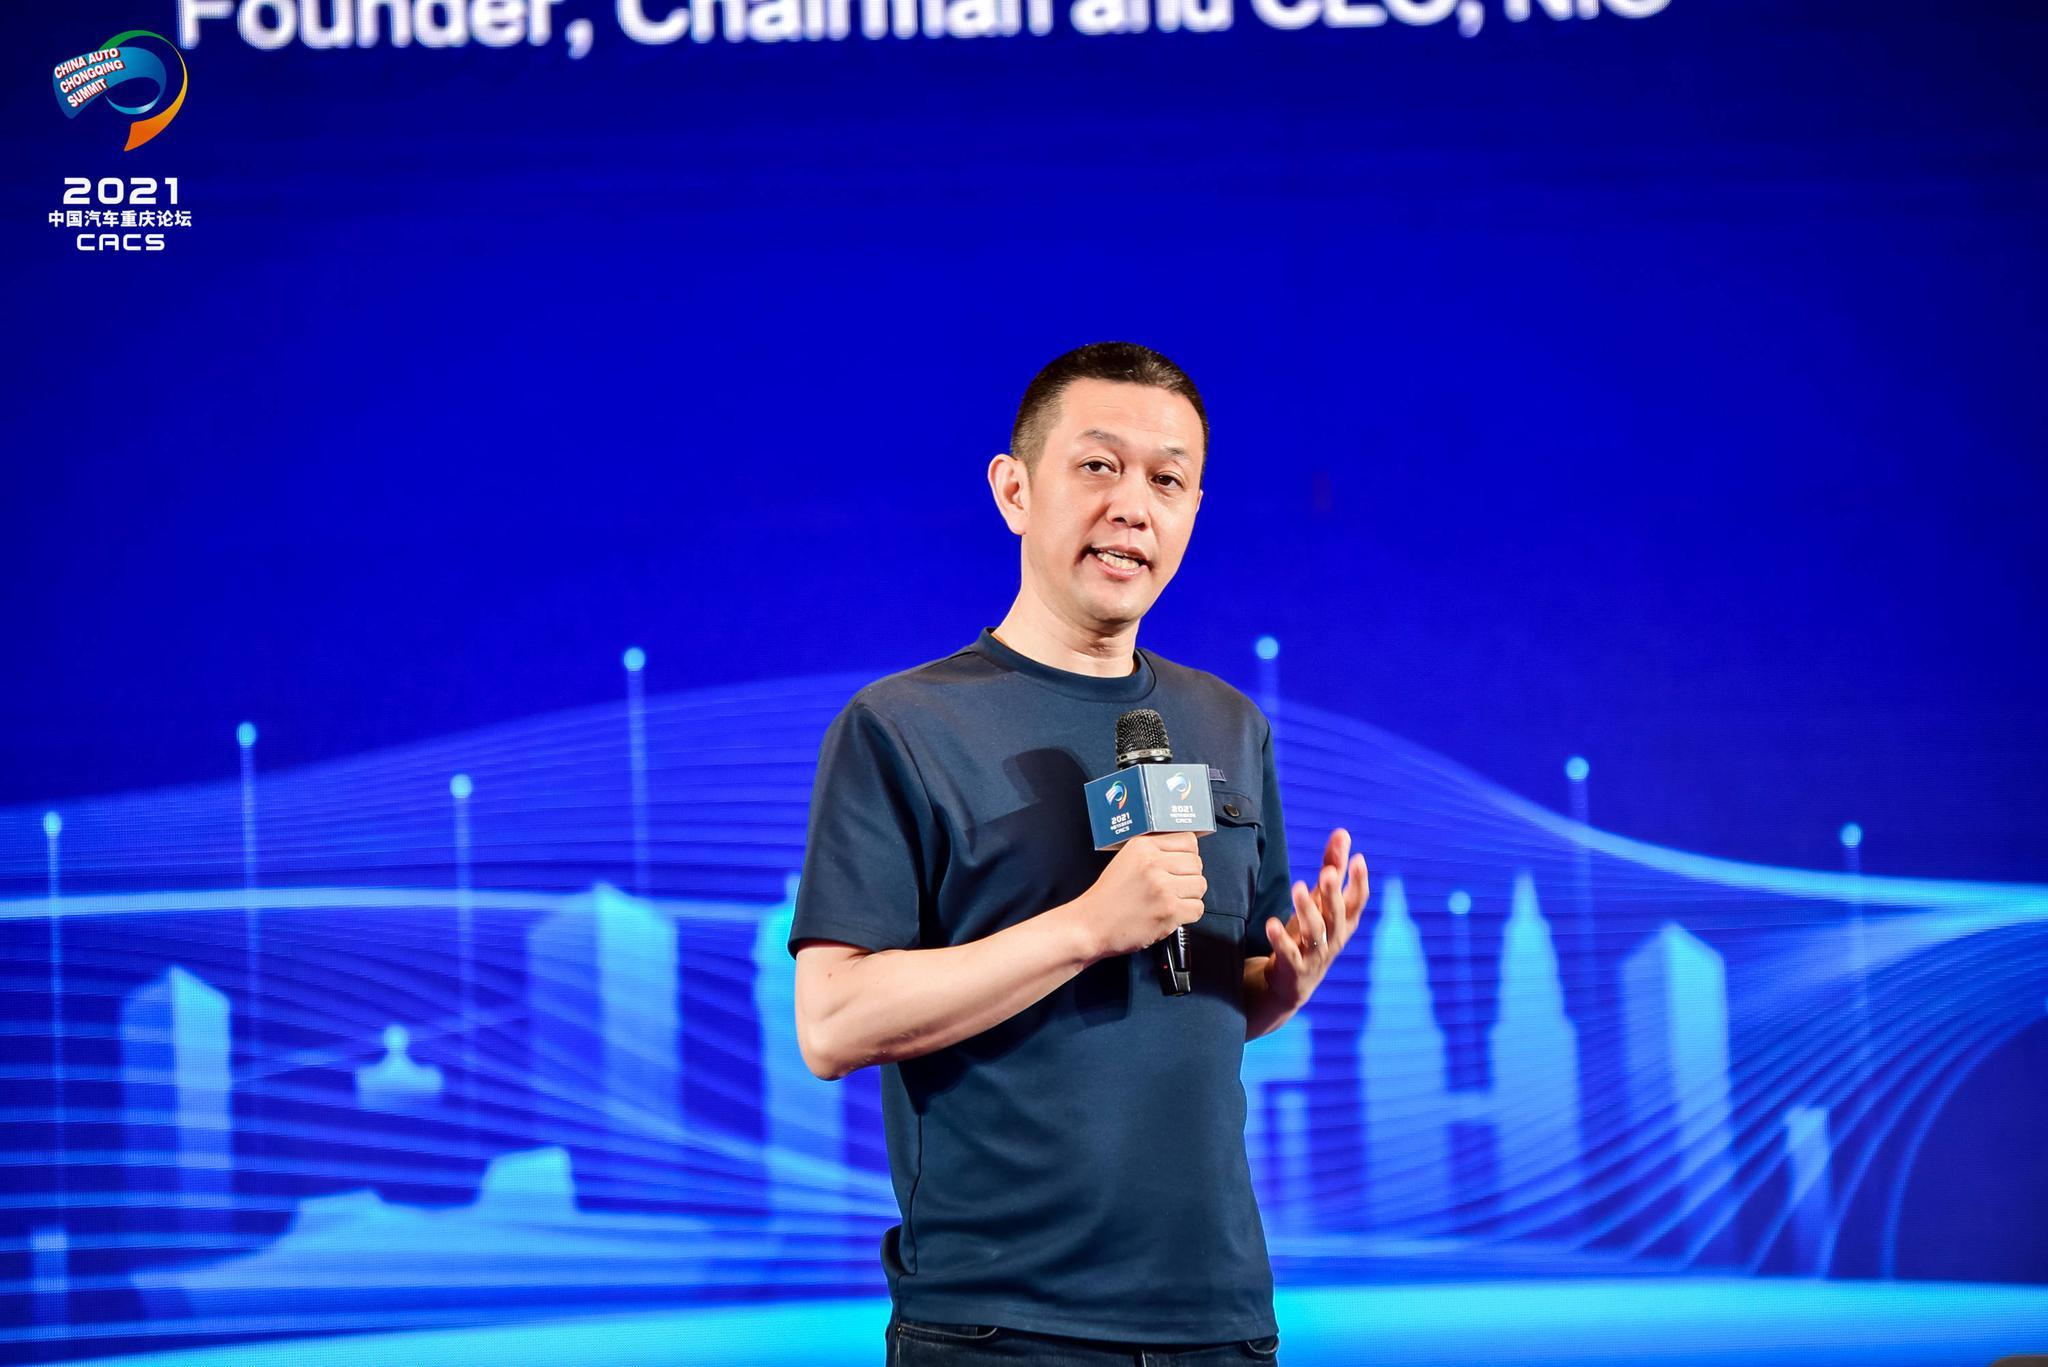 直击重庆论坛|李斌:2030年智能电动汽车渗透率超90%